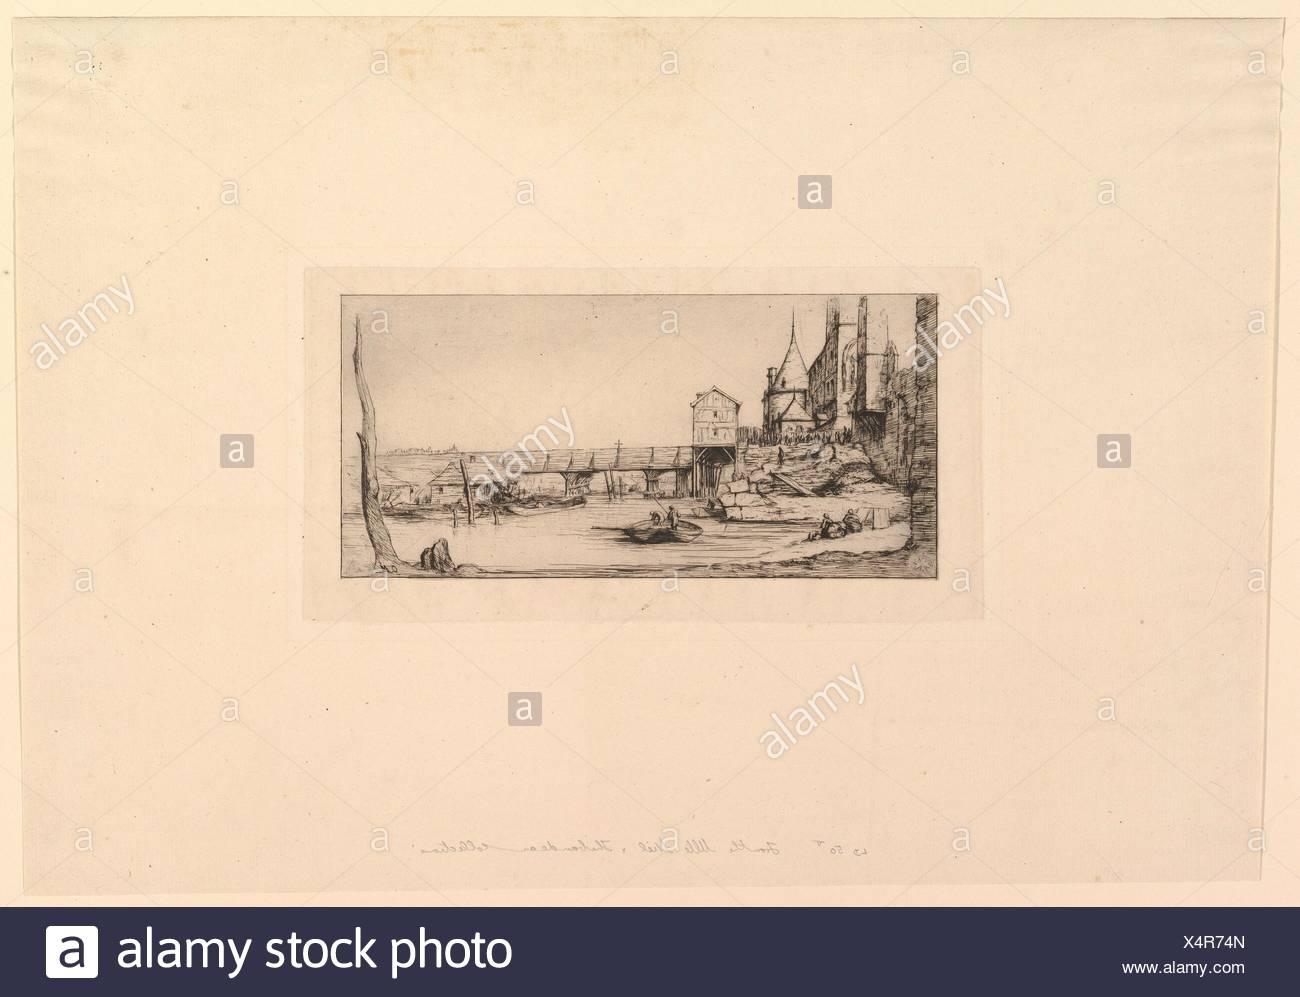 Passerelle du Pont-au-Change, après l'incendie de 1621 (The Footbridge temporarily replacing the Pont-au-Change, Paris, after the fire of 1621, after - Stock Image